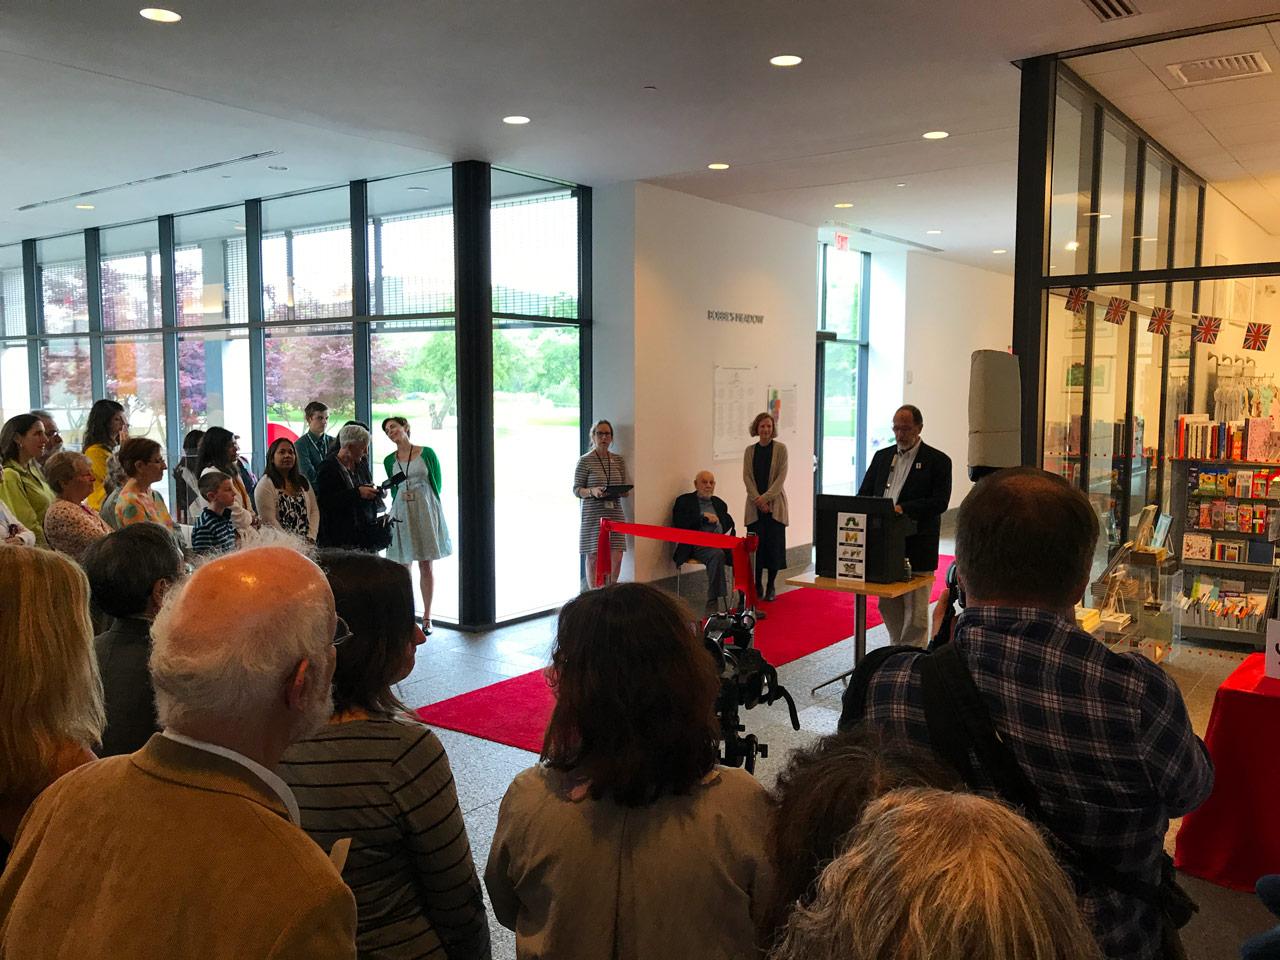 Bobbies_Meadow-Opening-Eric-Carle-Museum_KMDG_4727.jpg